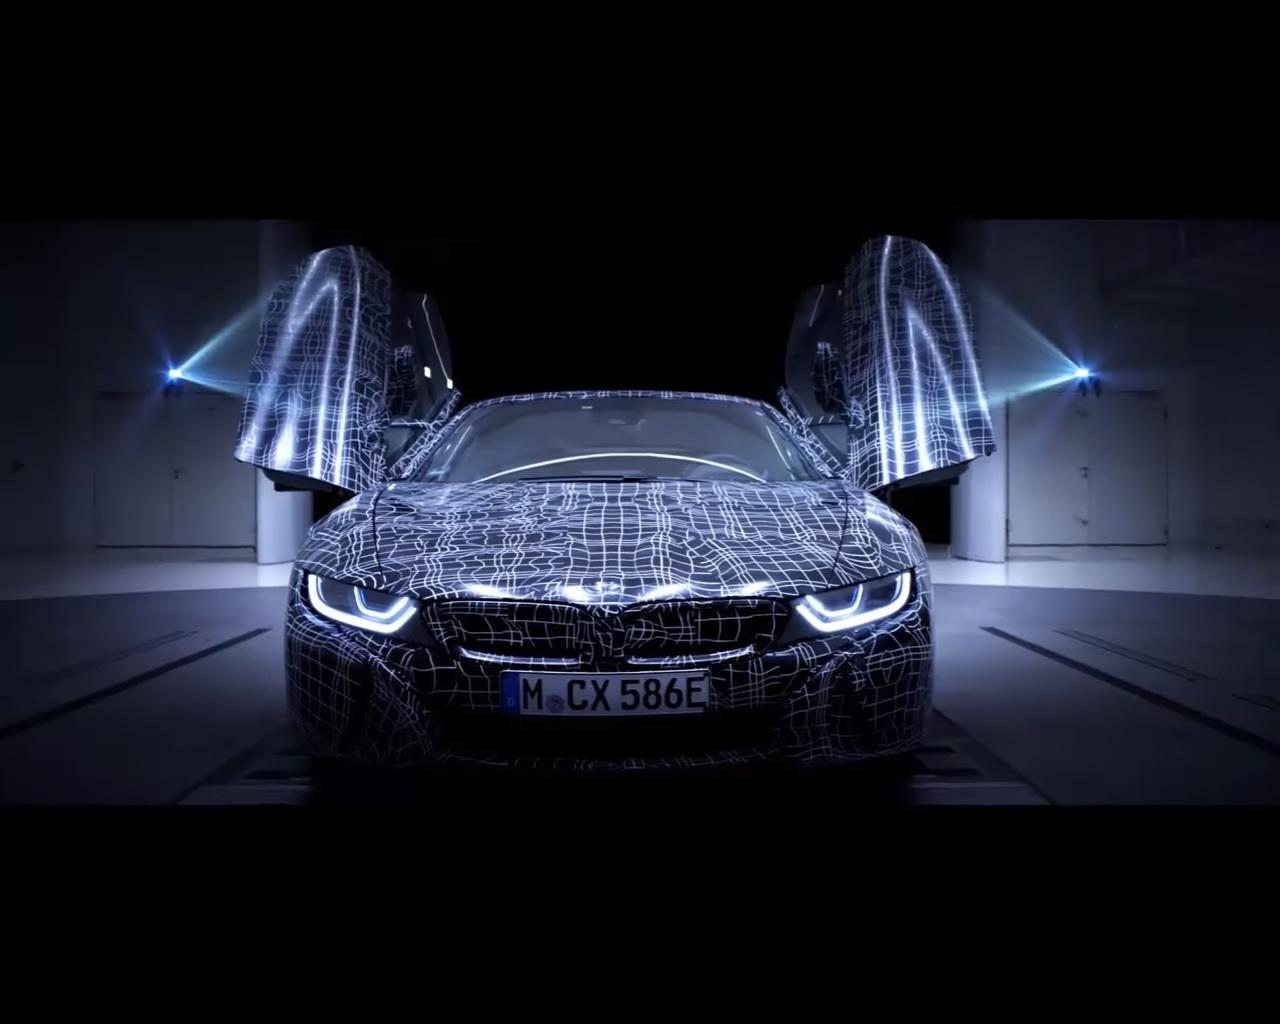 Bmw I8 Roadster Confirmed Through Teaser Deliveries Start In 2018